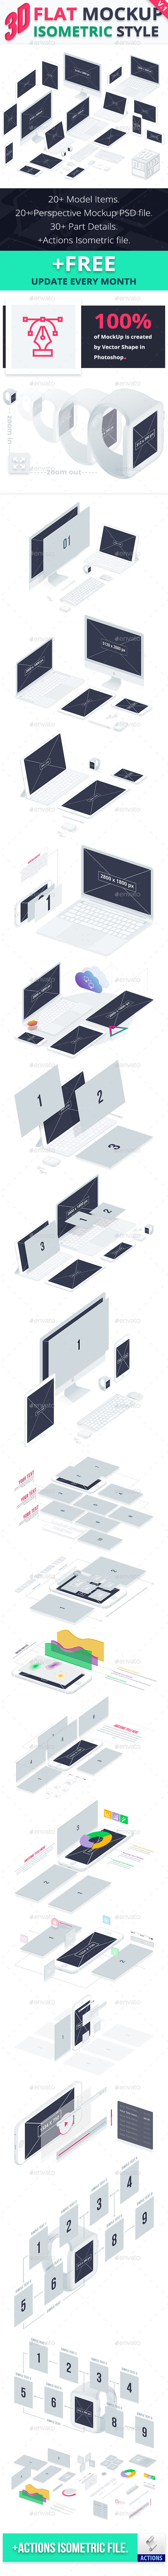 3D Flat Mockup Screen - Isometric - Product Mock-Ups Graphics